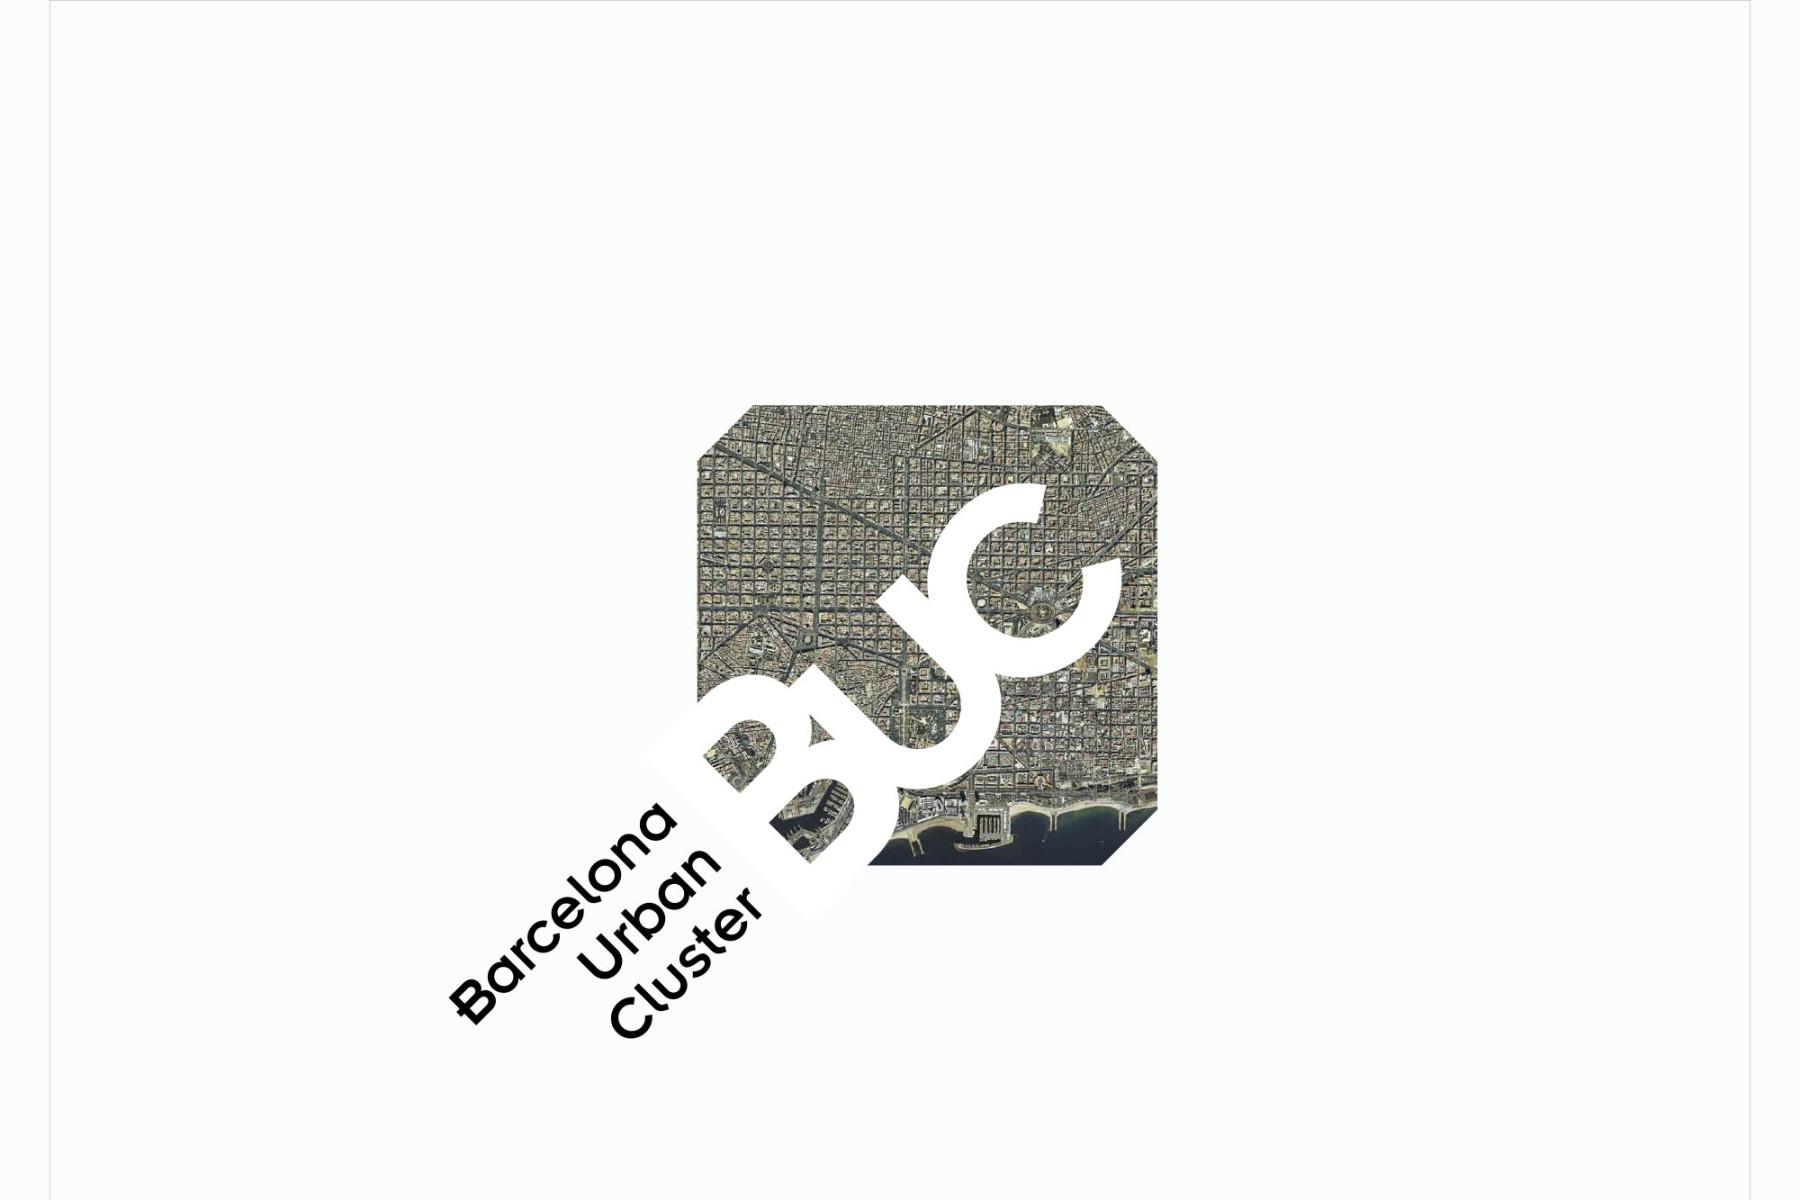 BUC_1